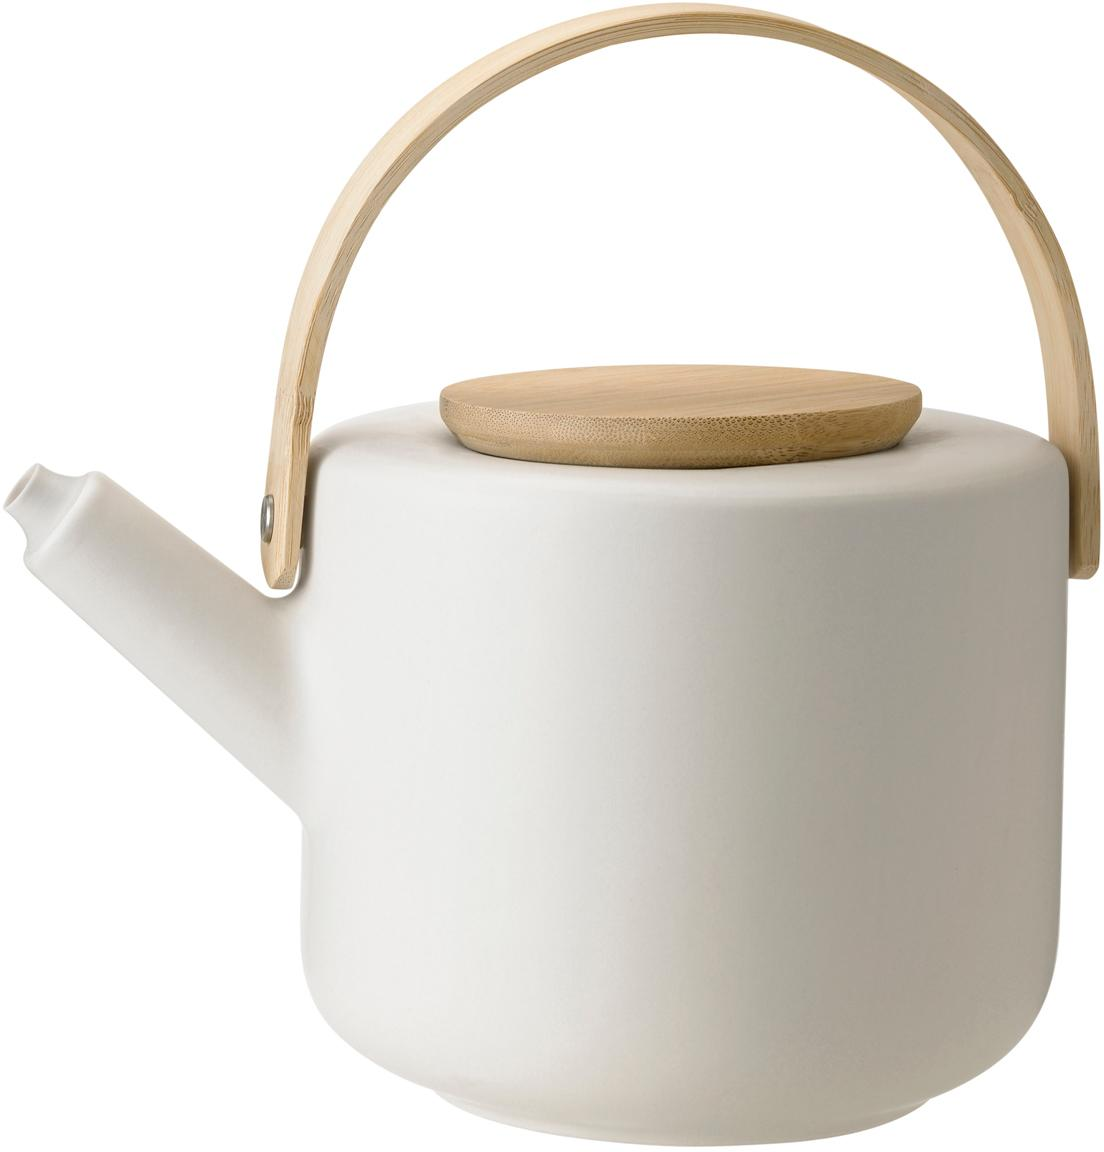 Teekanne Theo in Weiß matt, Kanne: Steingut, Gebrochenes Weiß, Bambus, 1.25 L